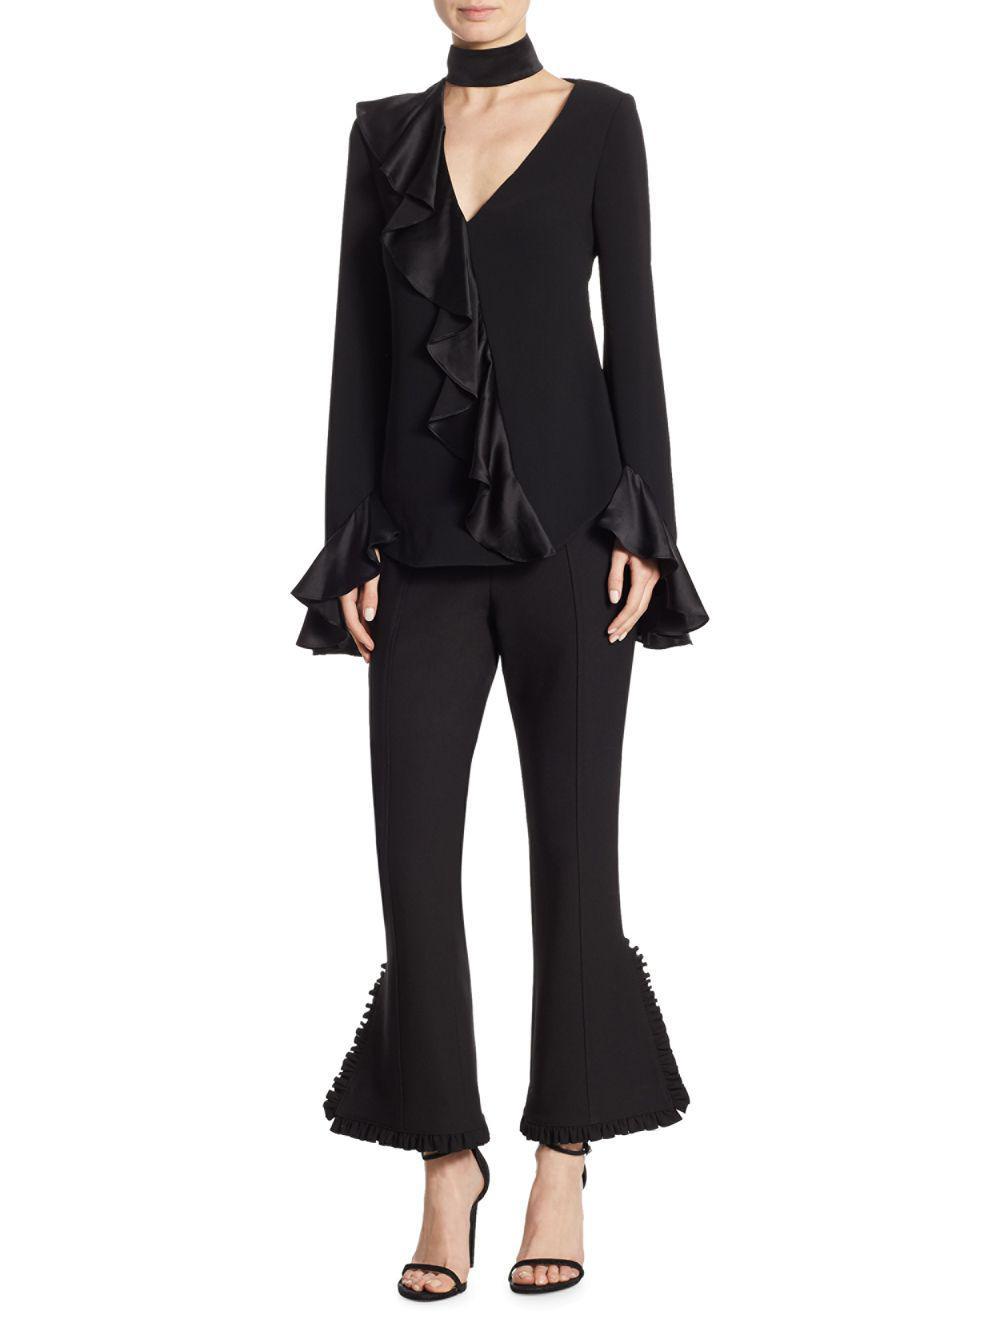 Cinq À Sept Woman Silk Satin-trimmed Crepe Blazer Black Size 4 Cinq à Sept Clearance Extremely Outlet Great Deals Recommend 100% Original Sale Online Un6A1cj8N